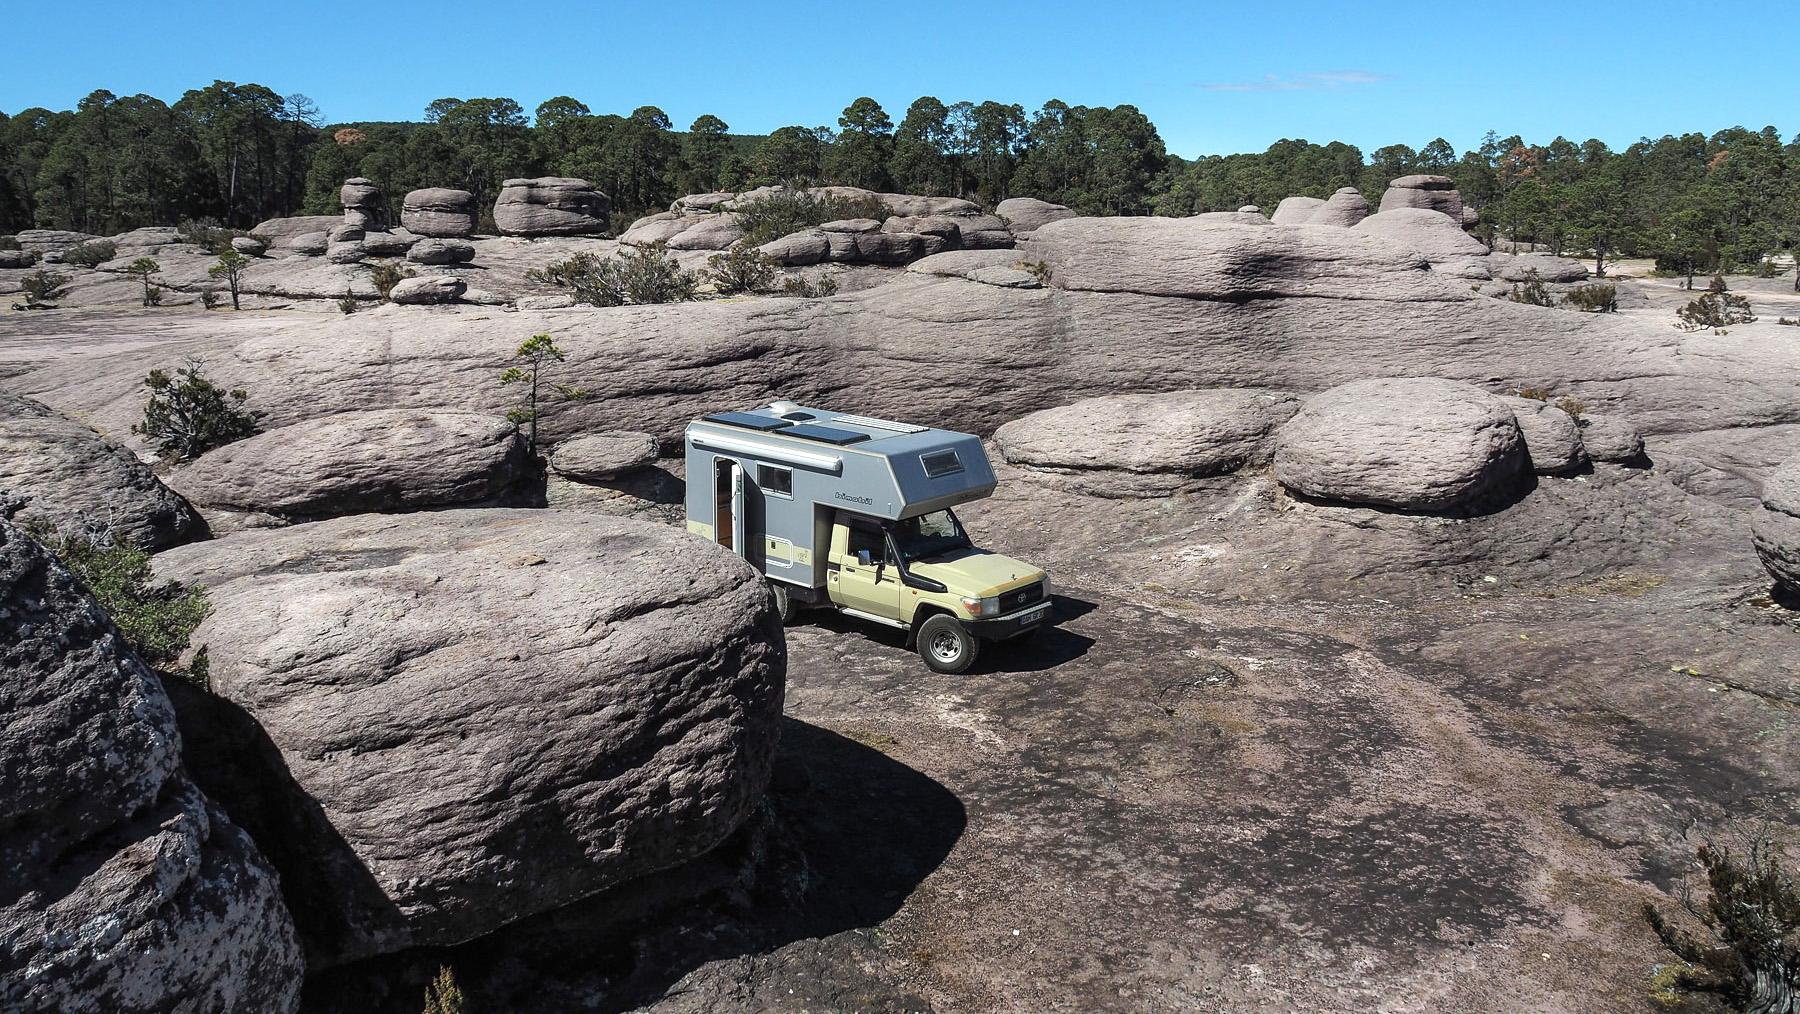 Toller Übernachtungsplatz zwischen den Felsen